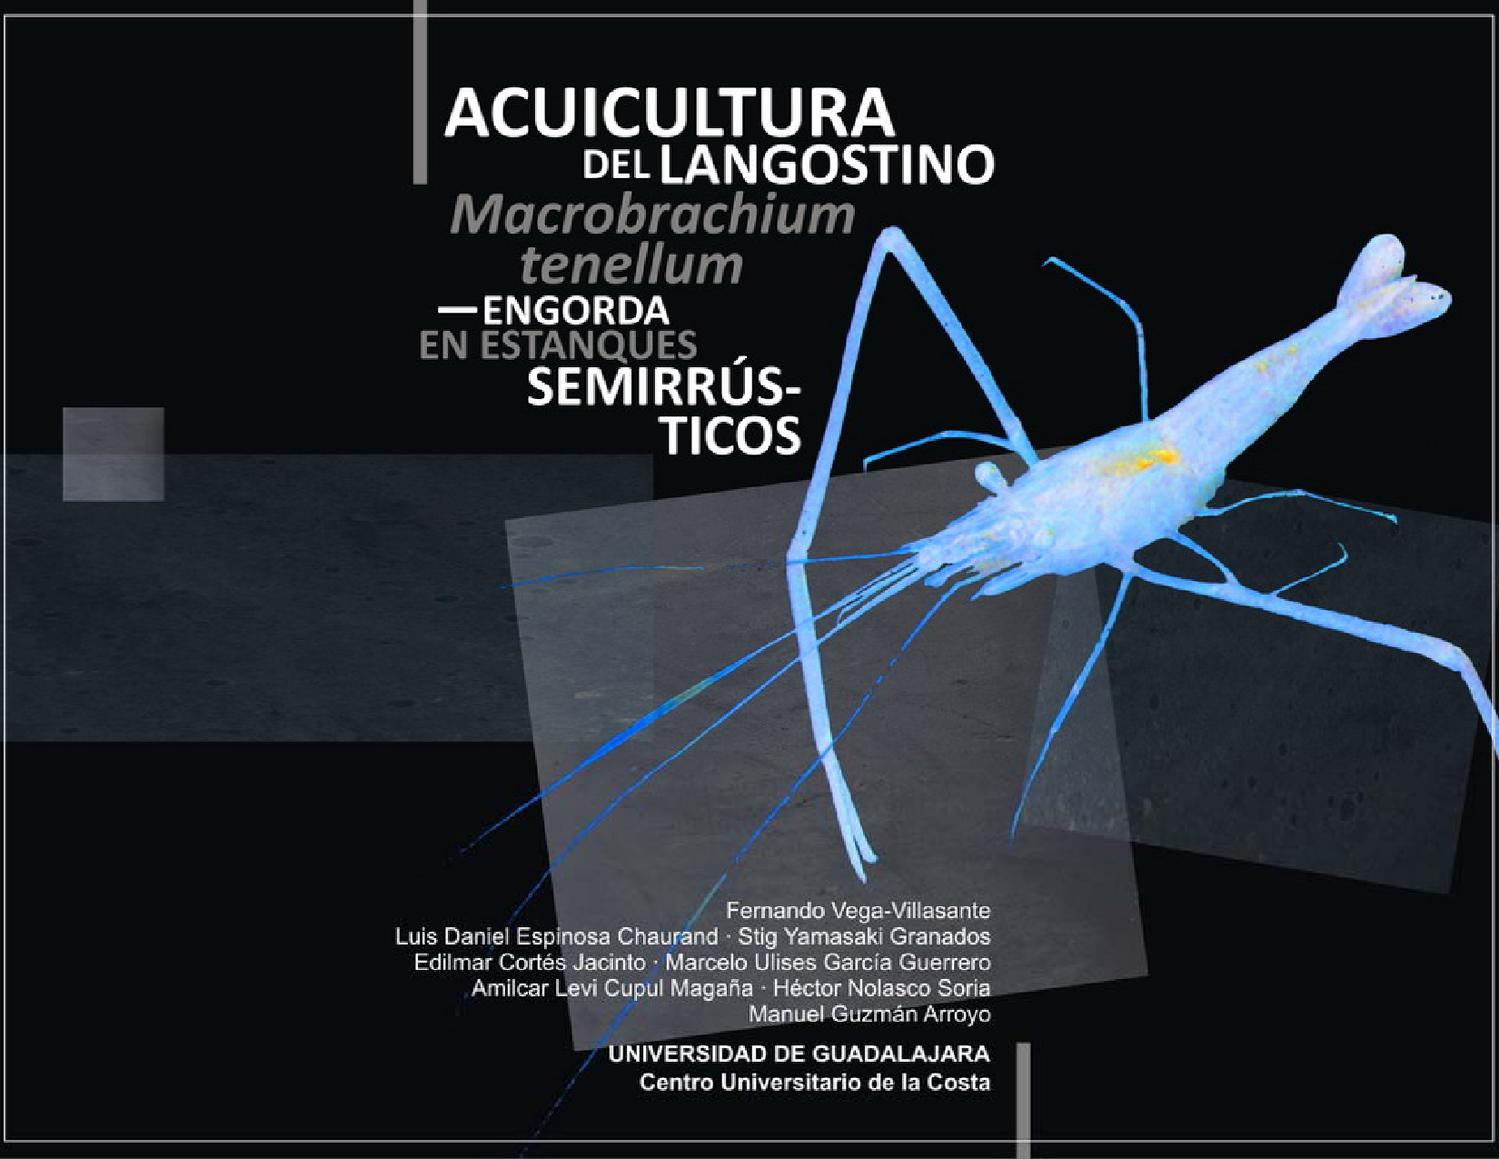 Acuicultura Del Langostino Macrobrachium Tenellum By